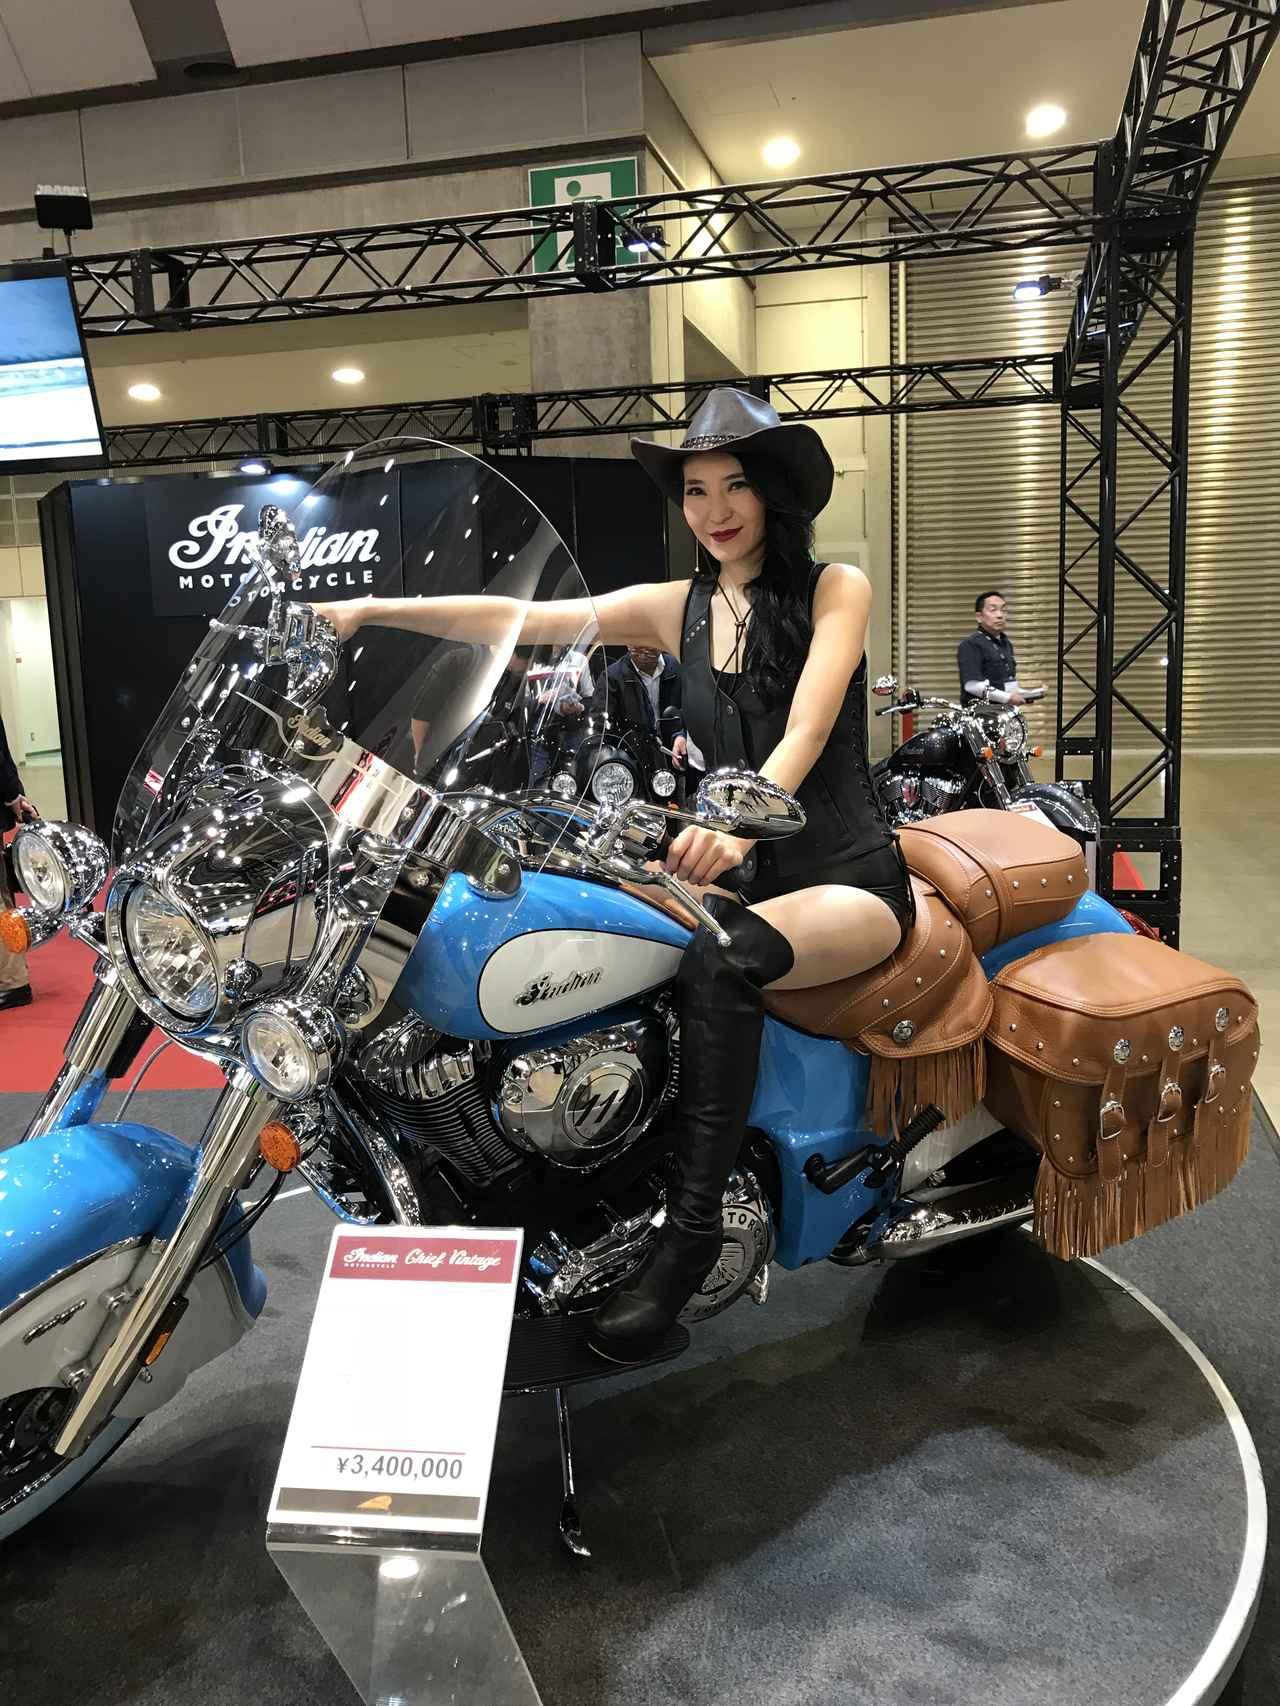 画像: Indian motorcycle